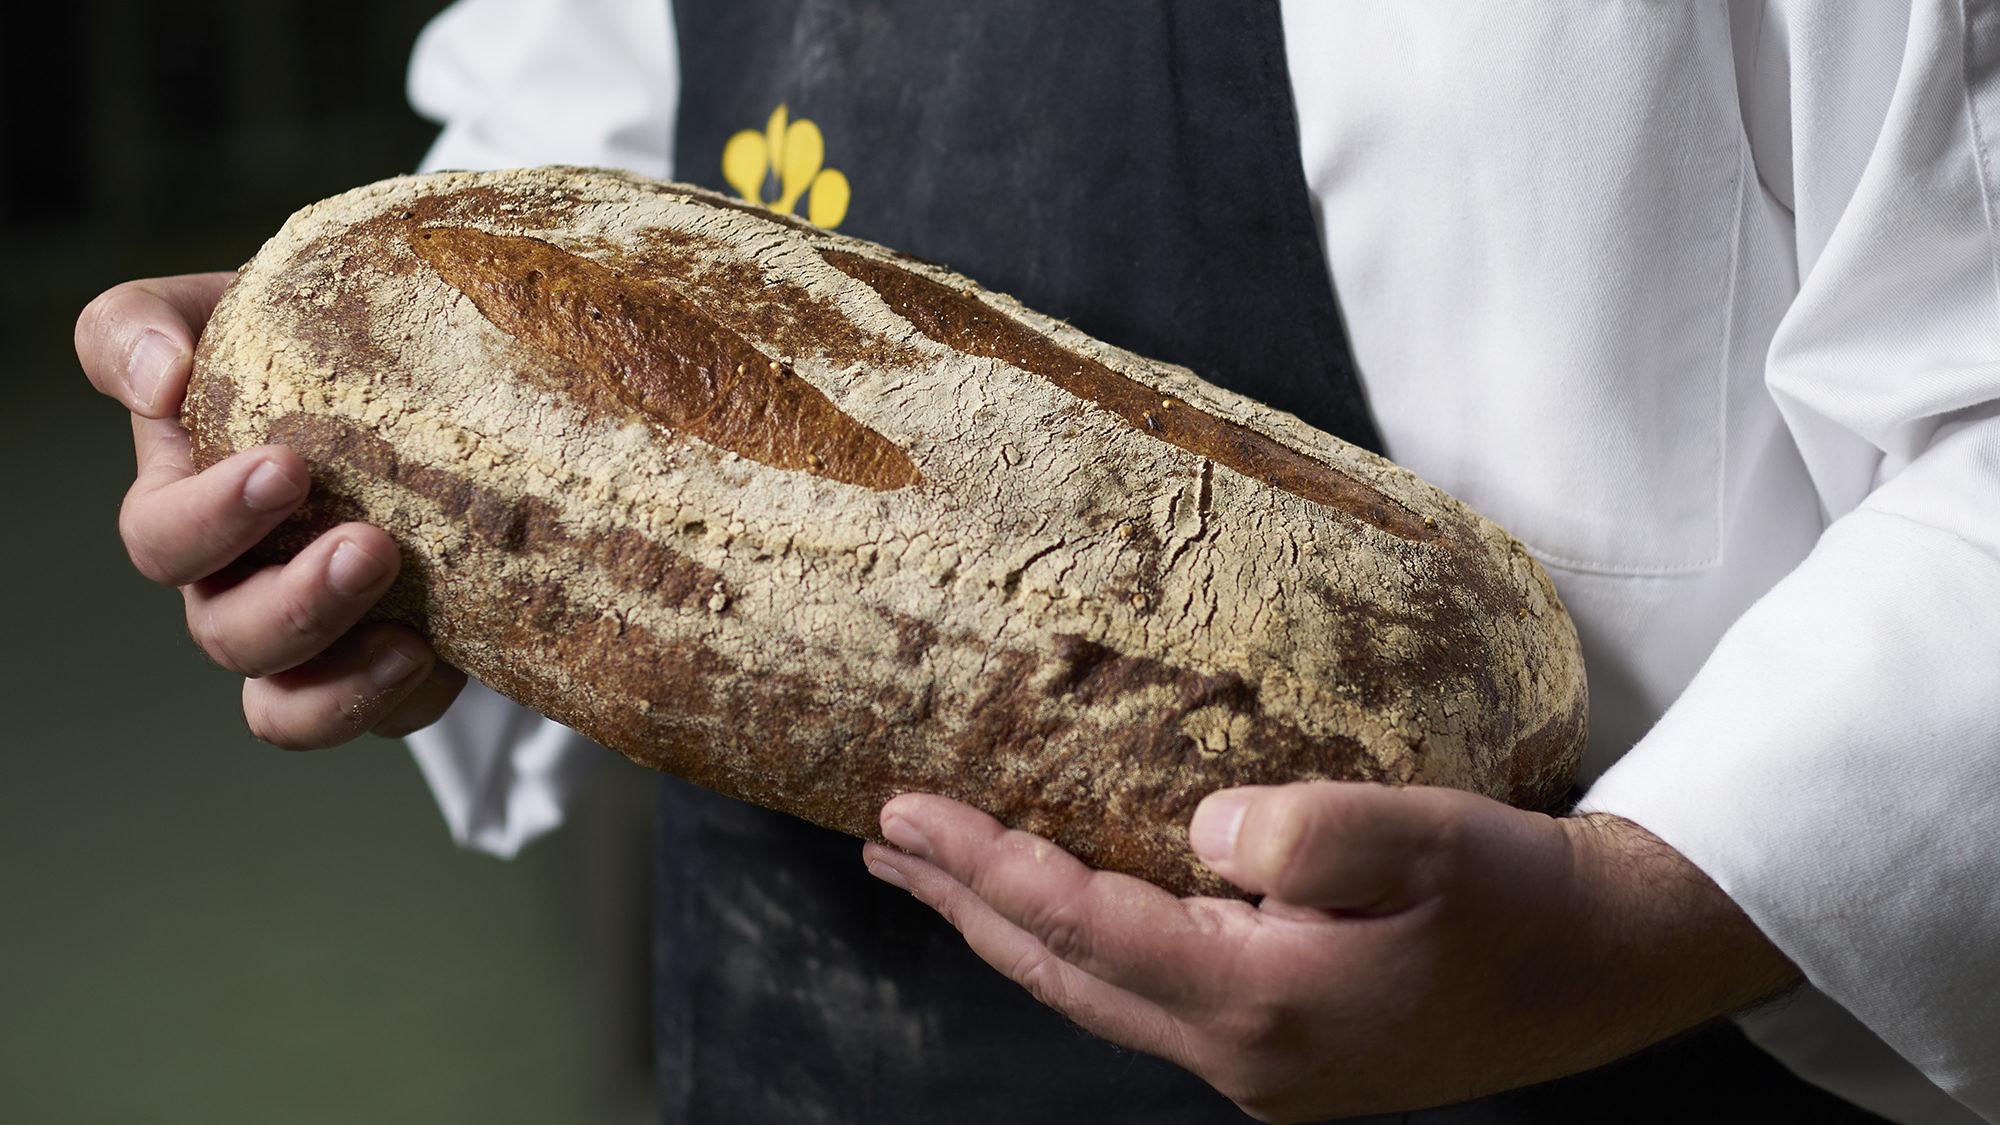 לחם מקמחי מורשת של האופה סער מור. צילום: אנטולי מיכאלו